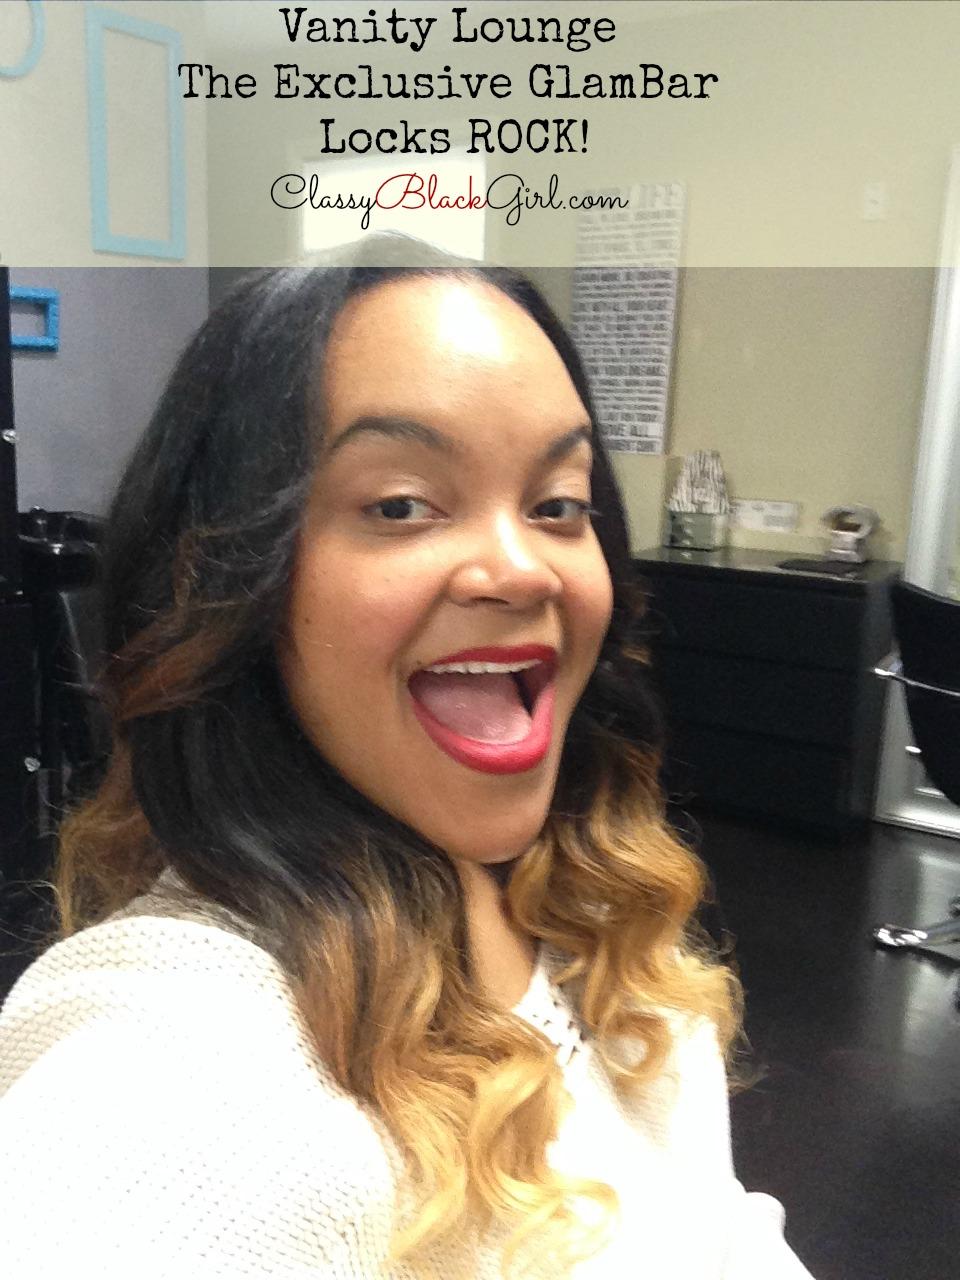 vanity lounge glambar virgin hair classyblackgirl.com